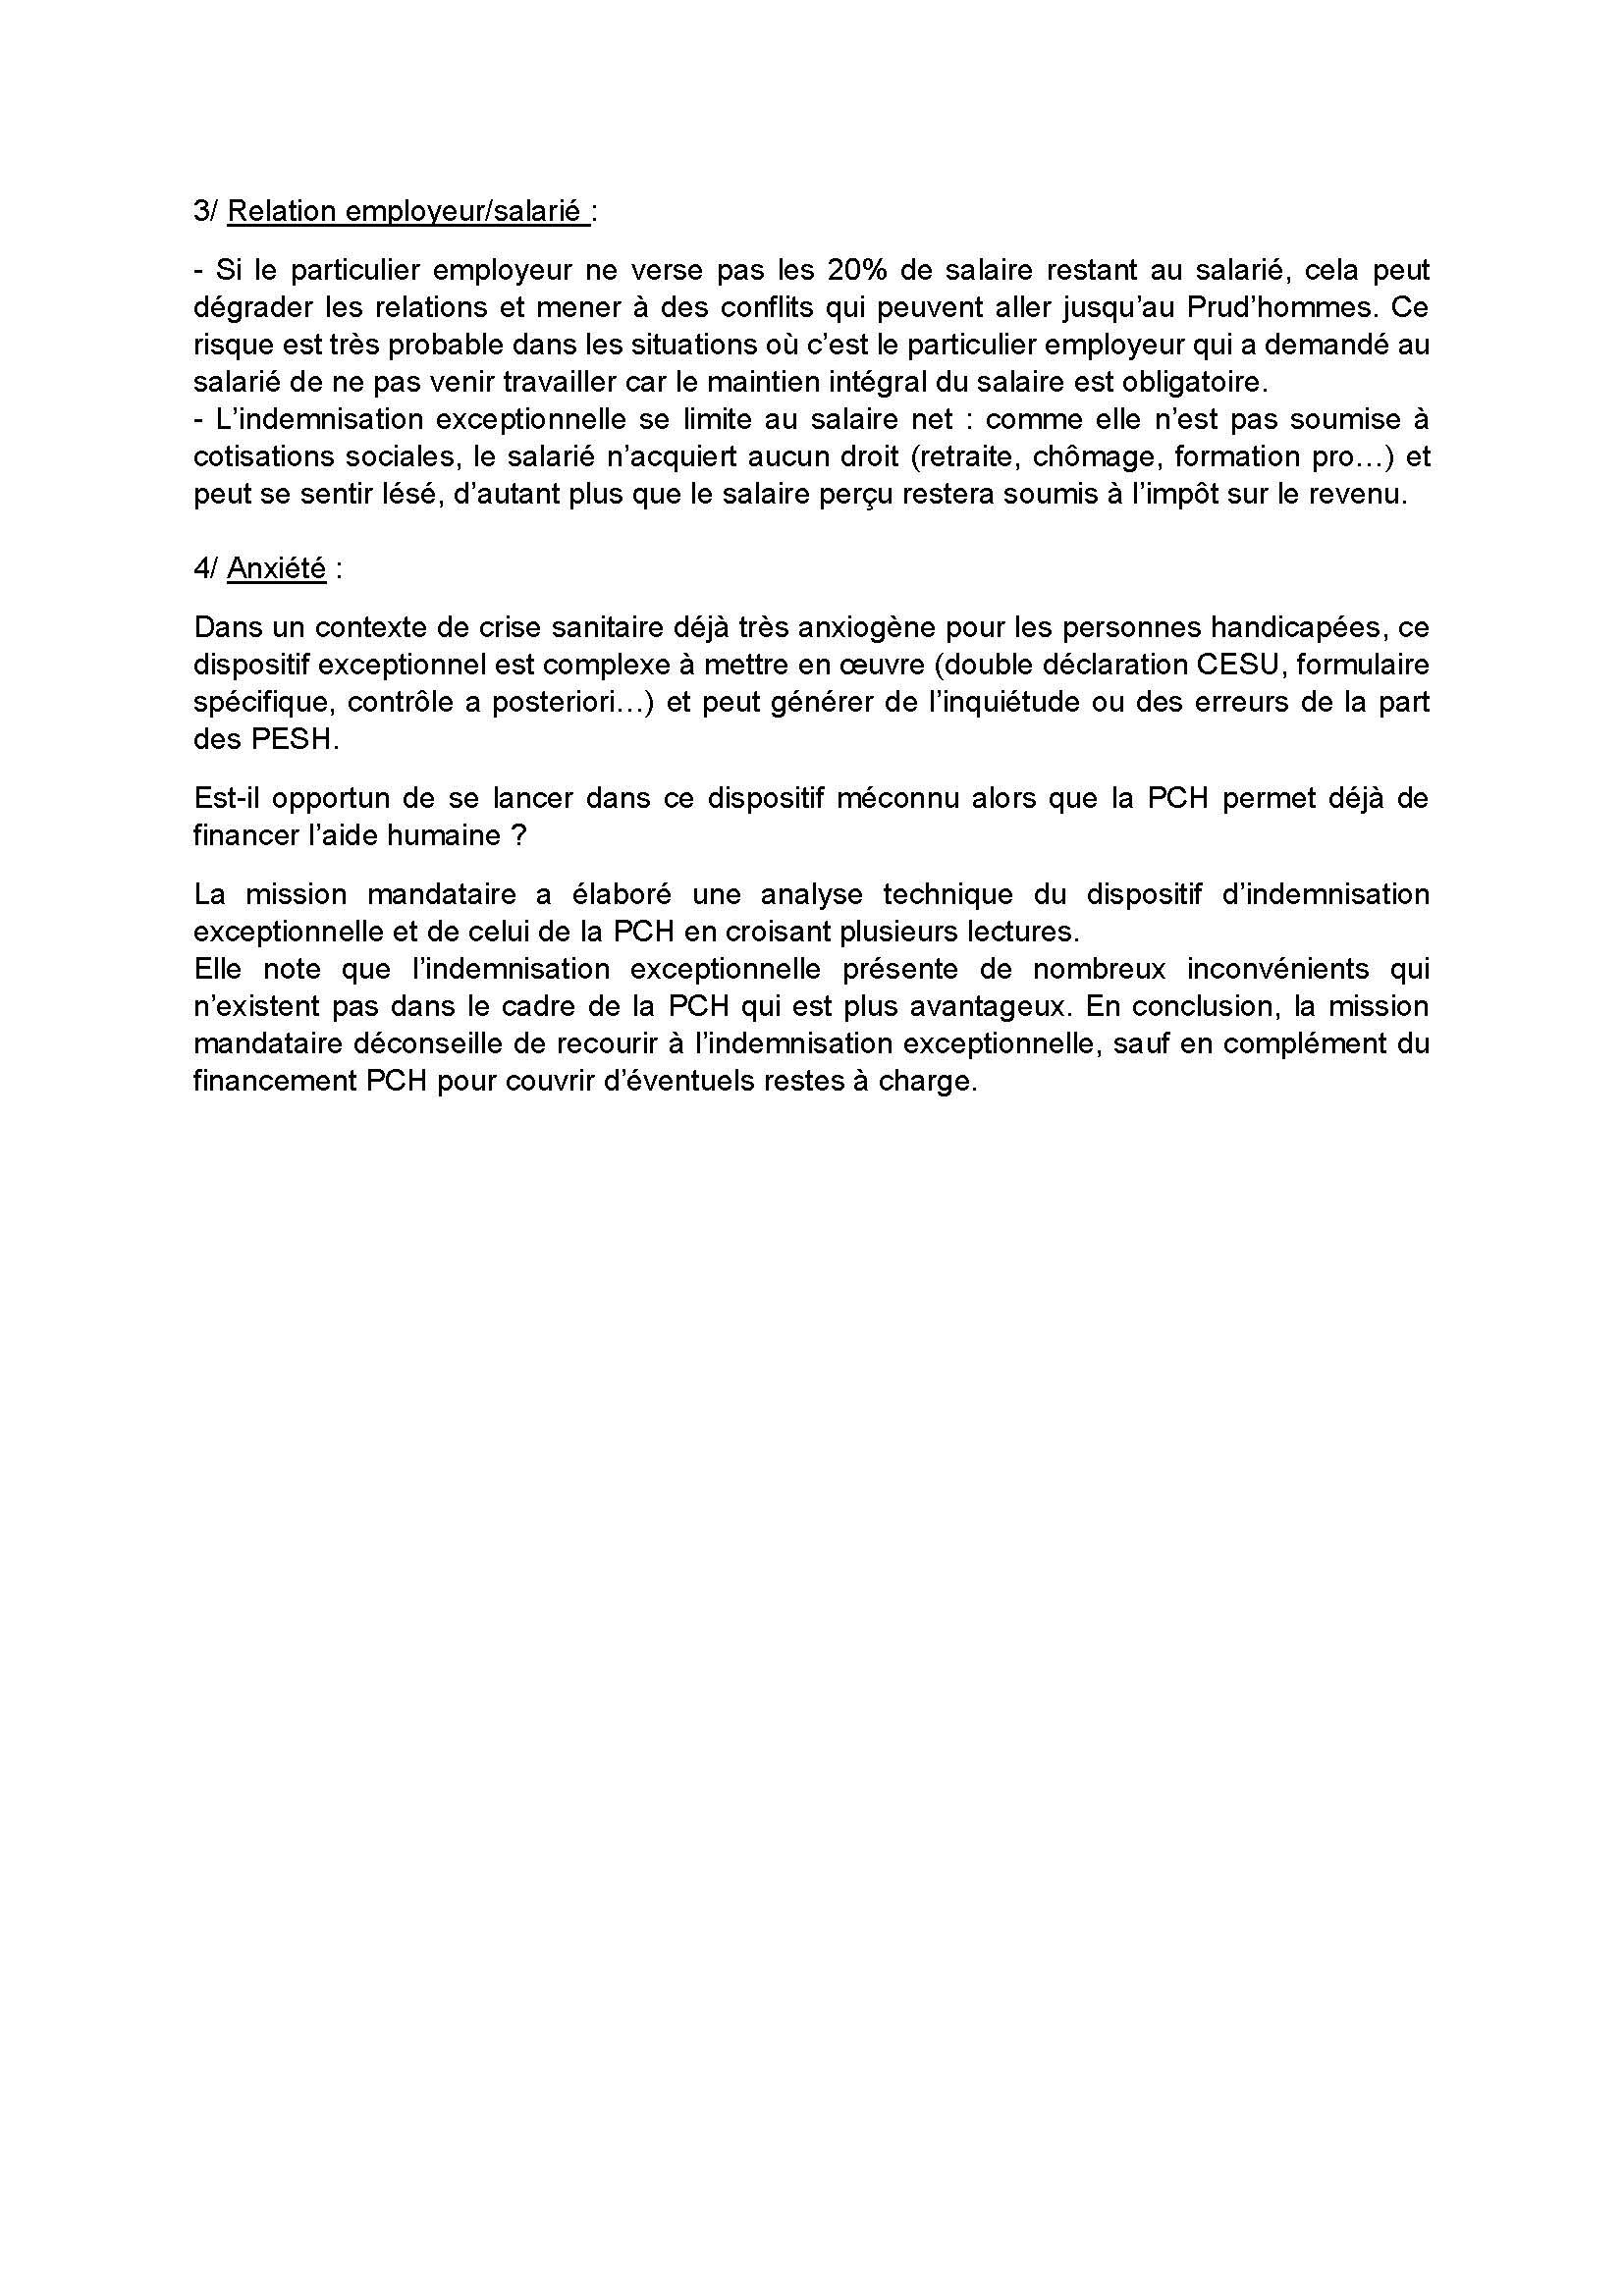 Le chômage partiel pendant la crise sanitaire du Covid-19_Page_2.jpg